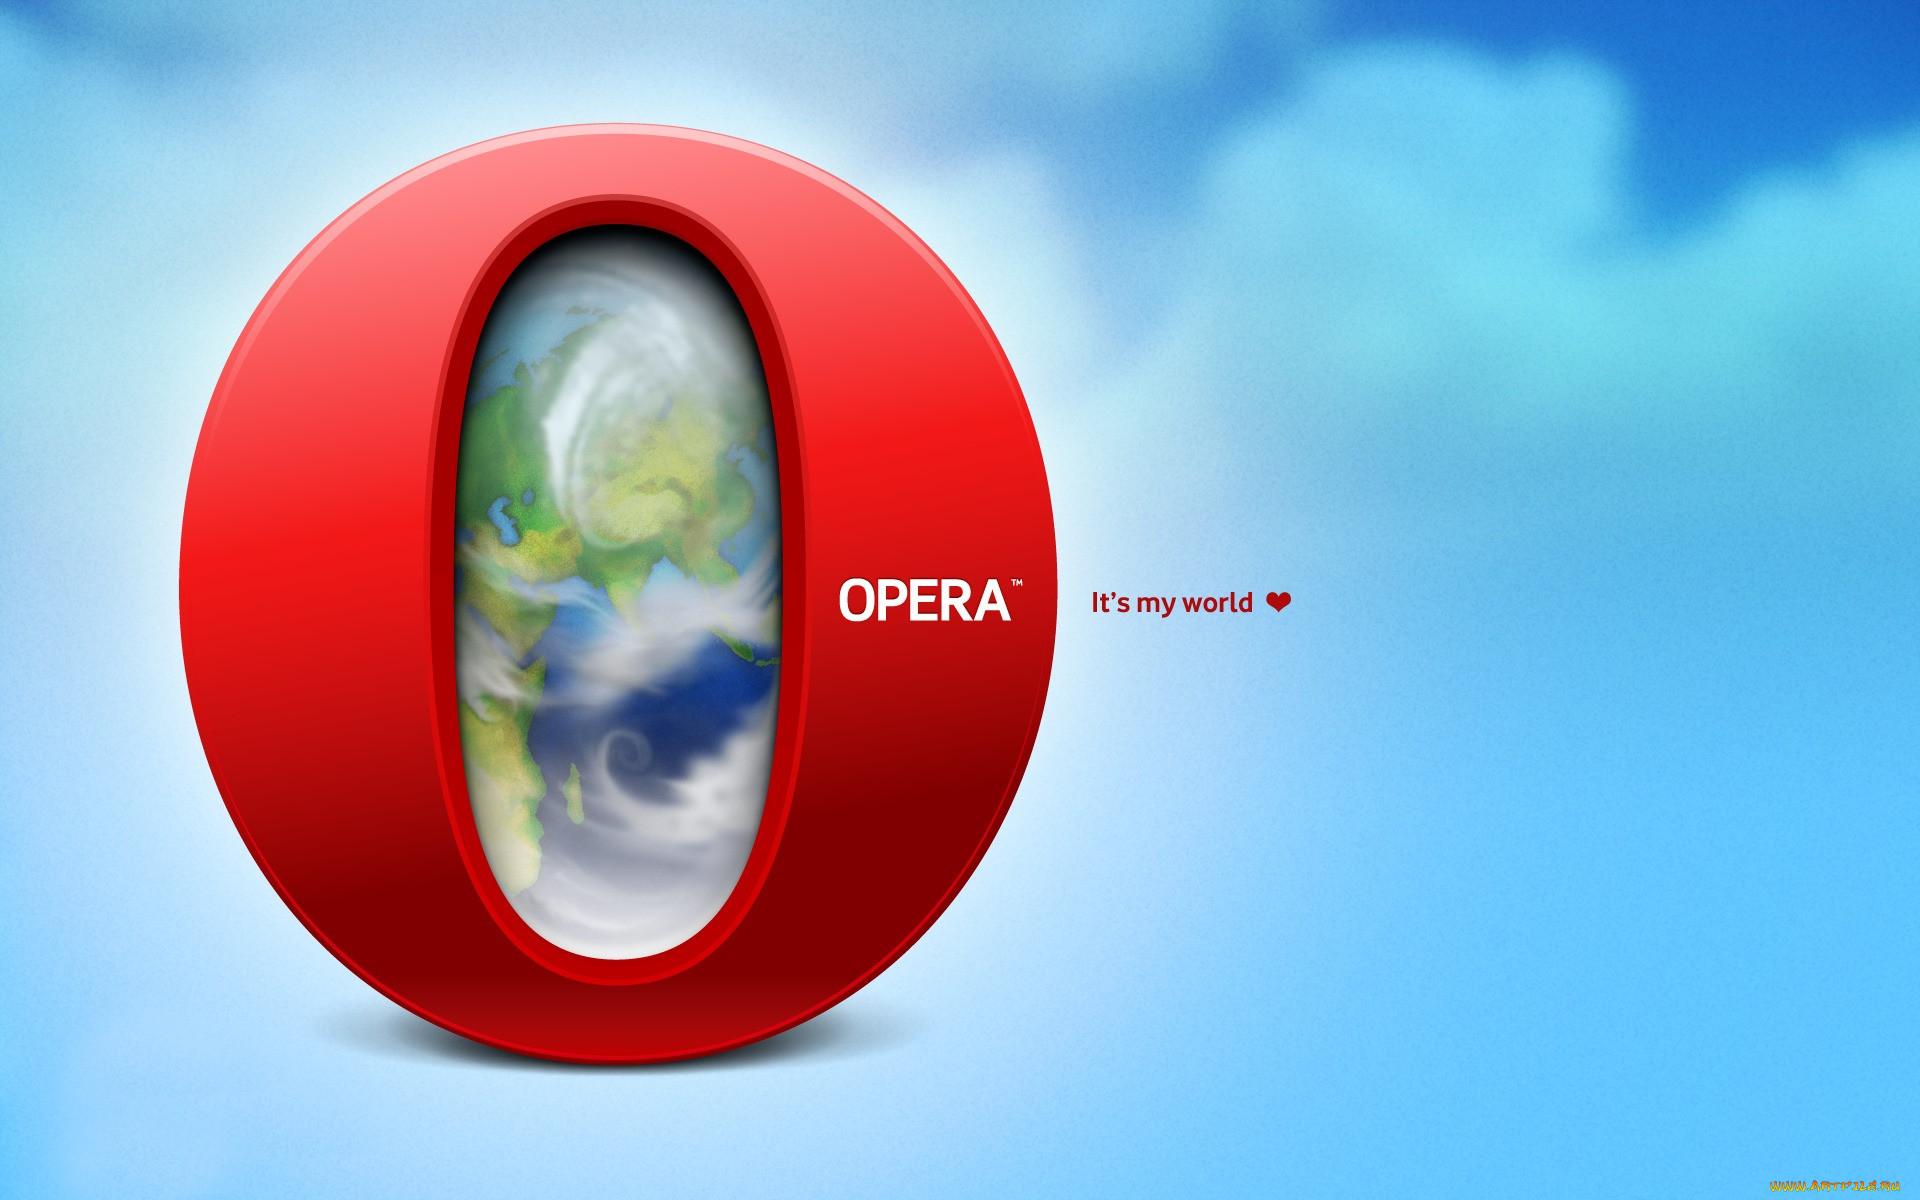 картинка опера интернет это было местом